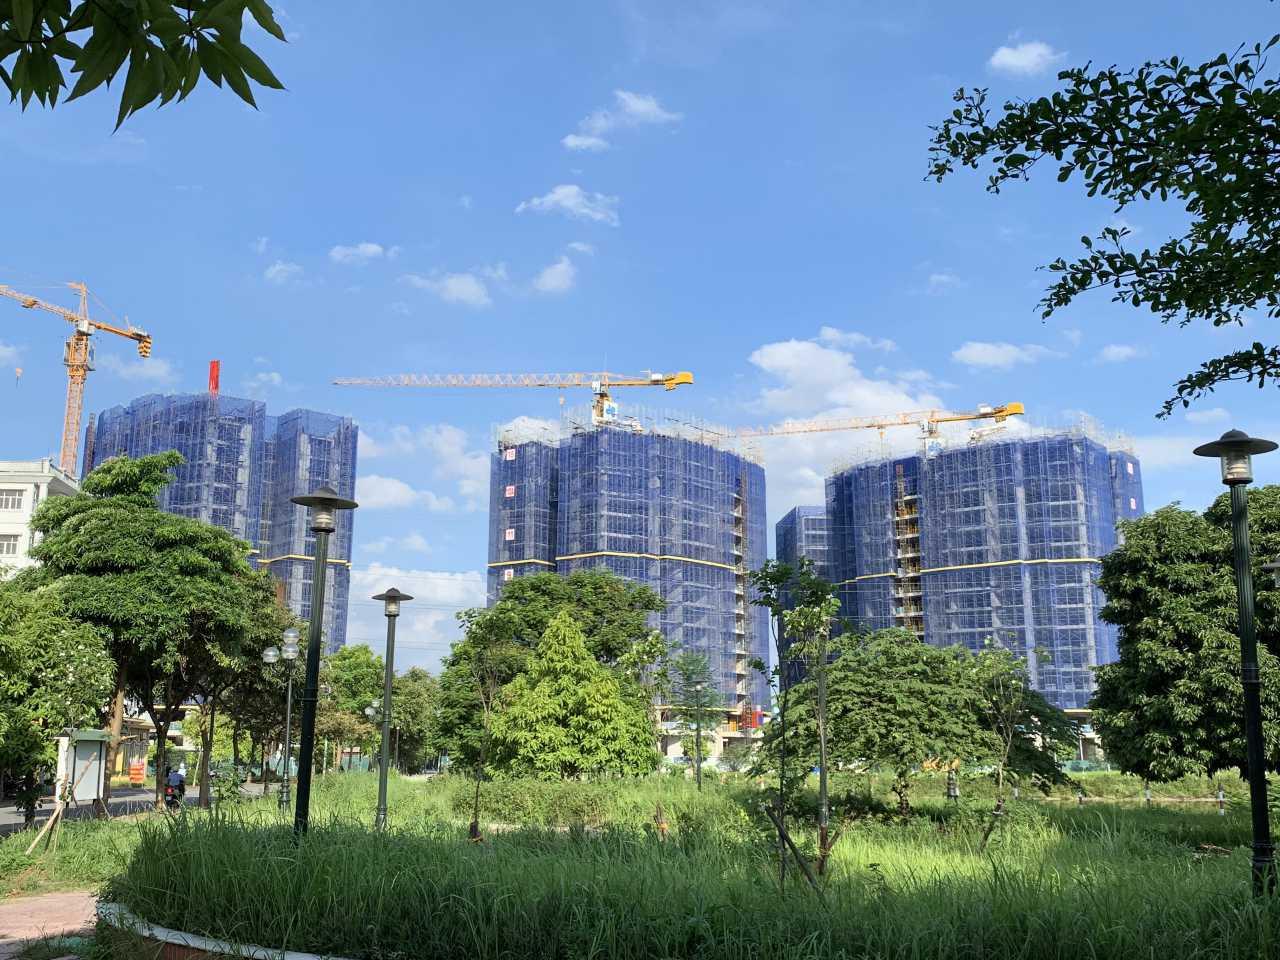 """Hanco 3 – Chủ đầu tư dự án """"chung cư Le Grand Jardin""""."""